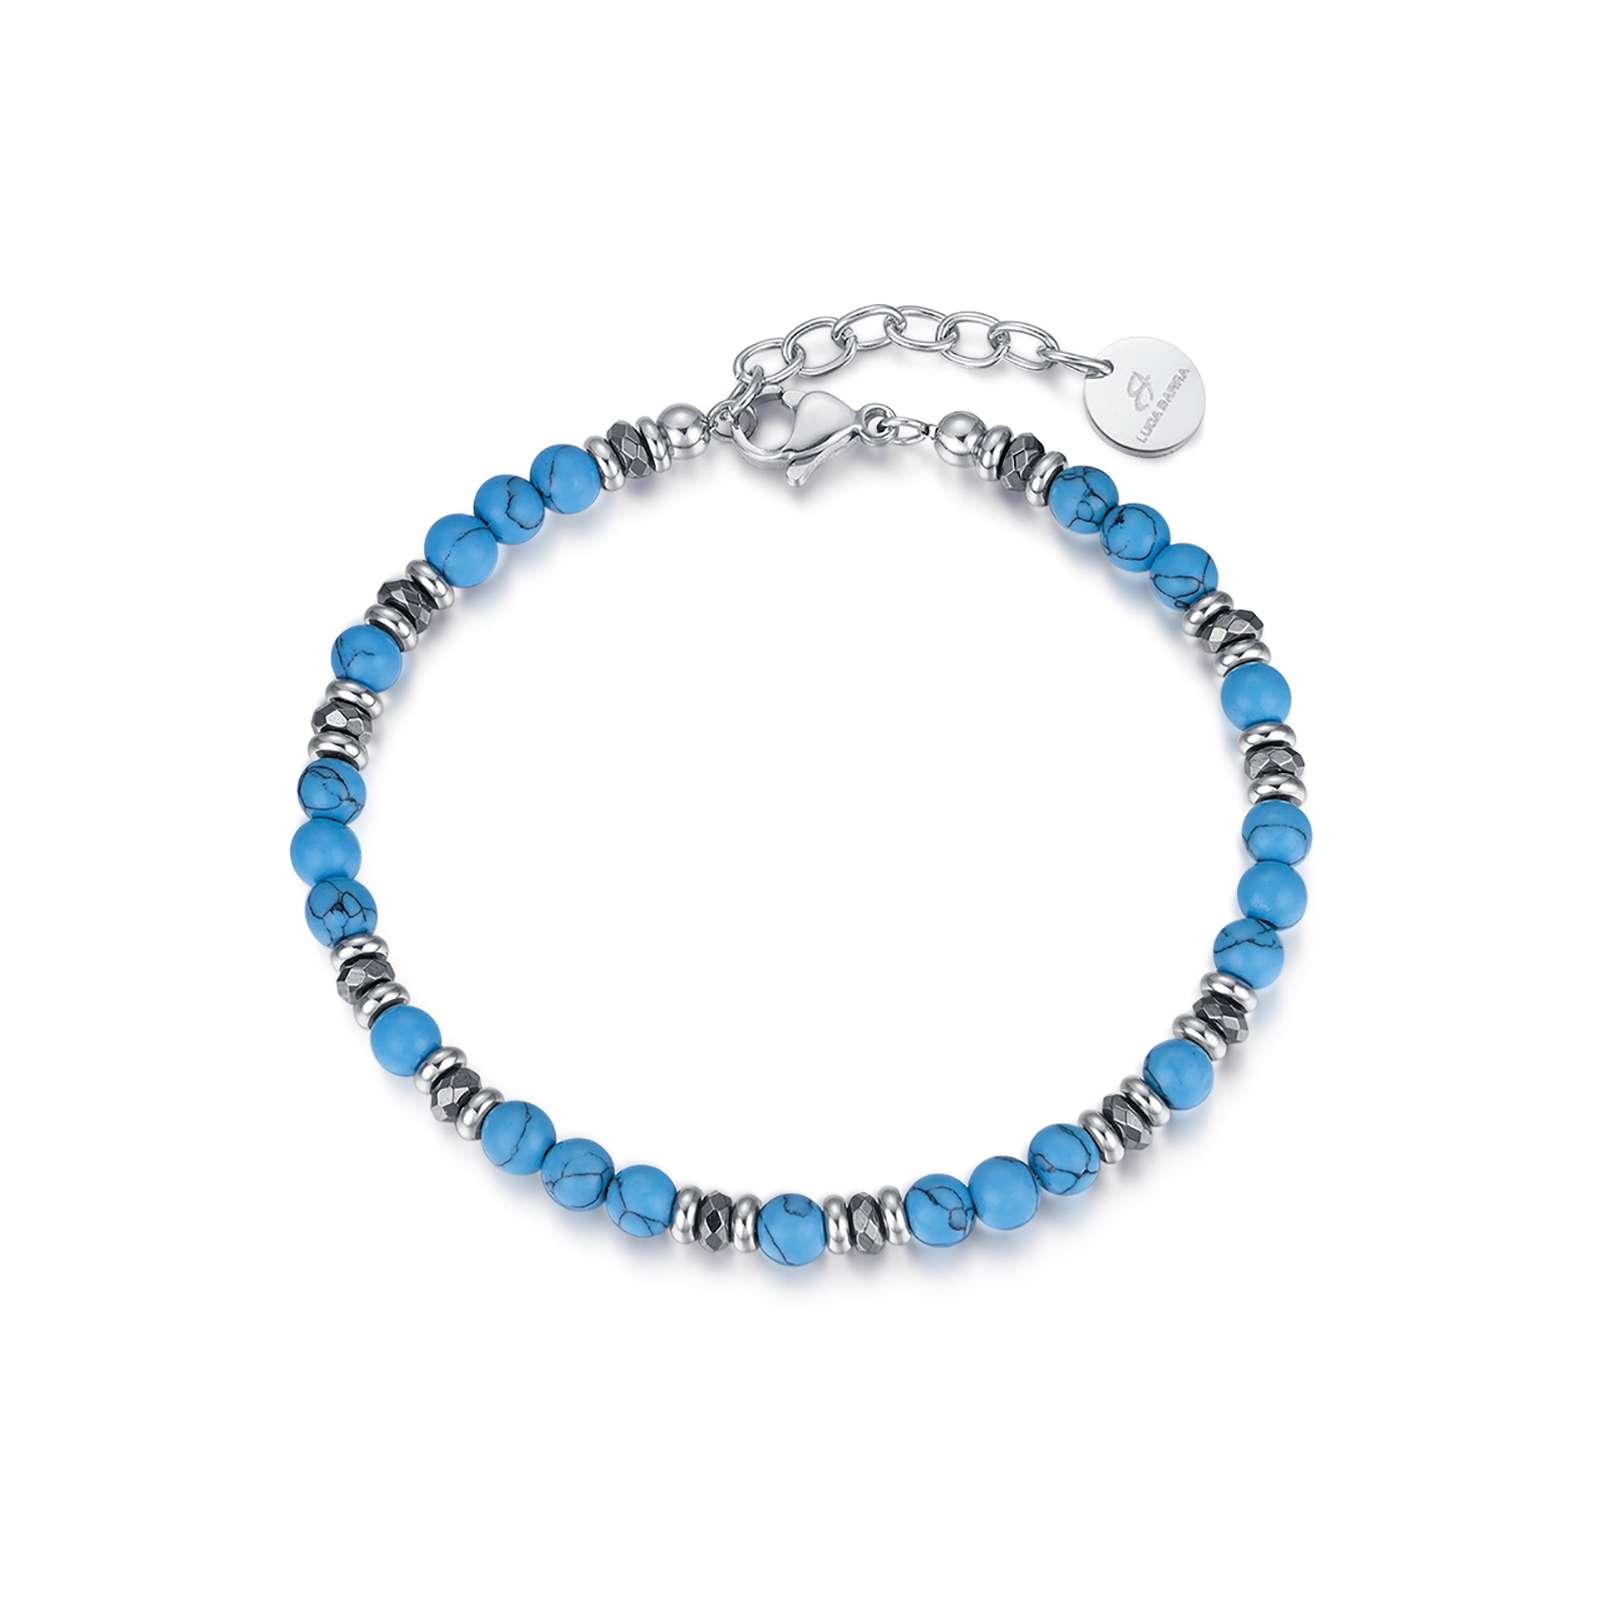 Luca Barra - Bracciale in acciaio con pietre azzurre ed amatite